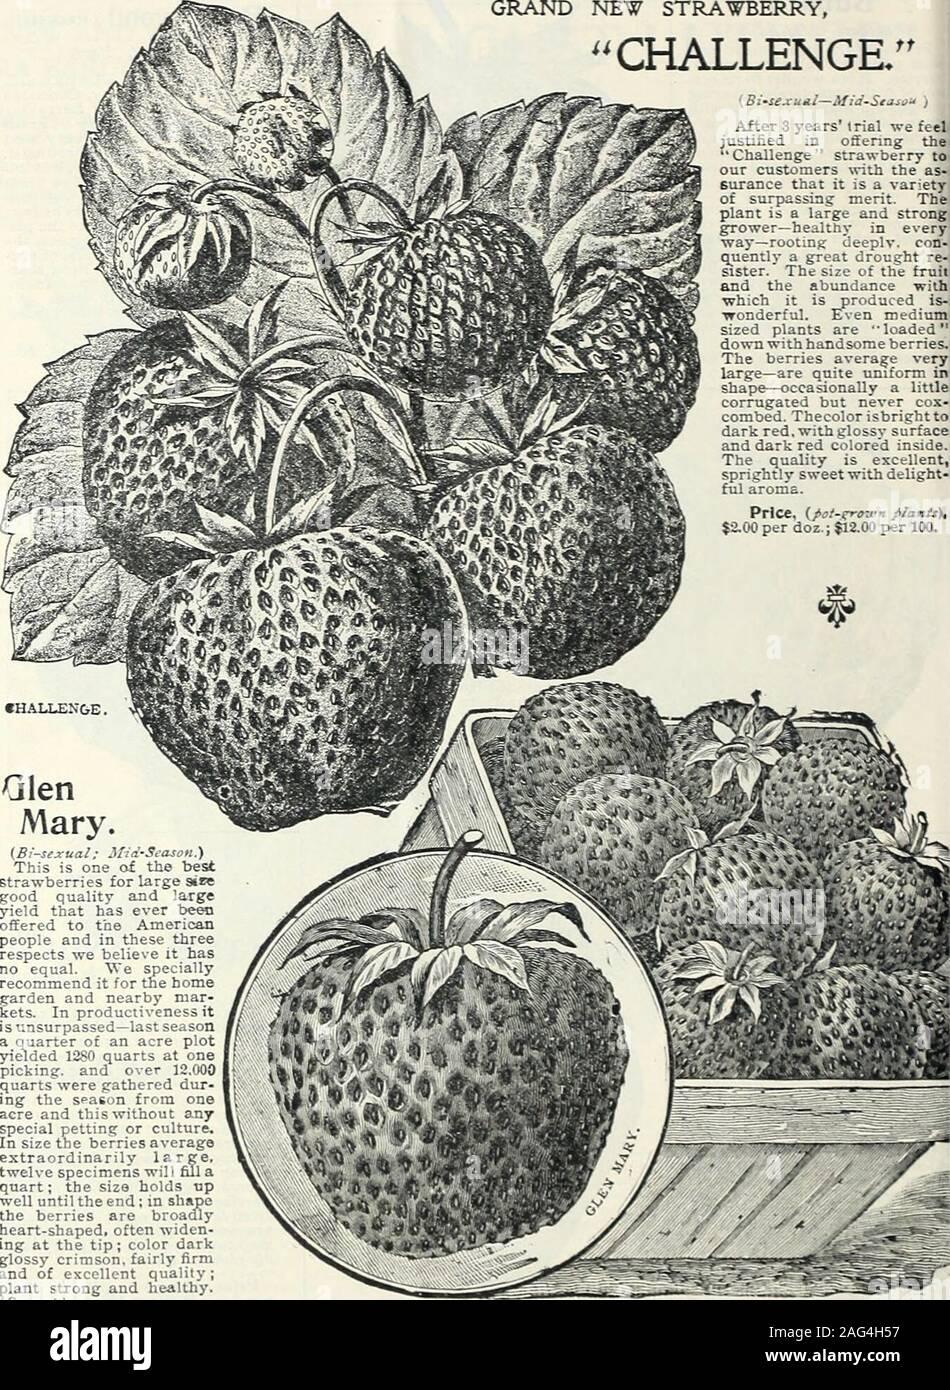 """. A mediados de verano catálogo 1902 : plantas para el verano de siembra, semillas para la siembra de verano, césped y jardín requisitos, insectos y hongos destructores. Mc.Por doz.; $3.00 por 1(K). ≪demasiado4r""""d por mvll, a<td para pofftayw lOc t9 fl un *Vfn ptic* ssd Mc al centenar de precio. * 6 PETBH HENTDERSON i Co., Nueva York.-POT-GRQ-U-X STRA-^^Merry plantas. Nuevo gran STRA^TBERRY, desafío. (Bi-iejcual-Media i después de 3 años de juicio nos feeljustified ofreciendo theChallenge strawberry anuestros clientes rith como surance que es una amplia variedadde sobrepasando el mérito. Theplant es un grande y fuerte 1agricultor-sano en cada Foto de stock"""